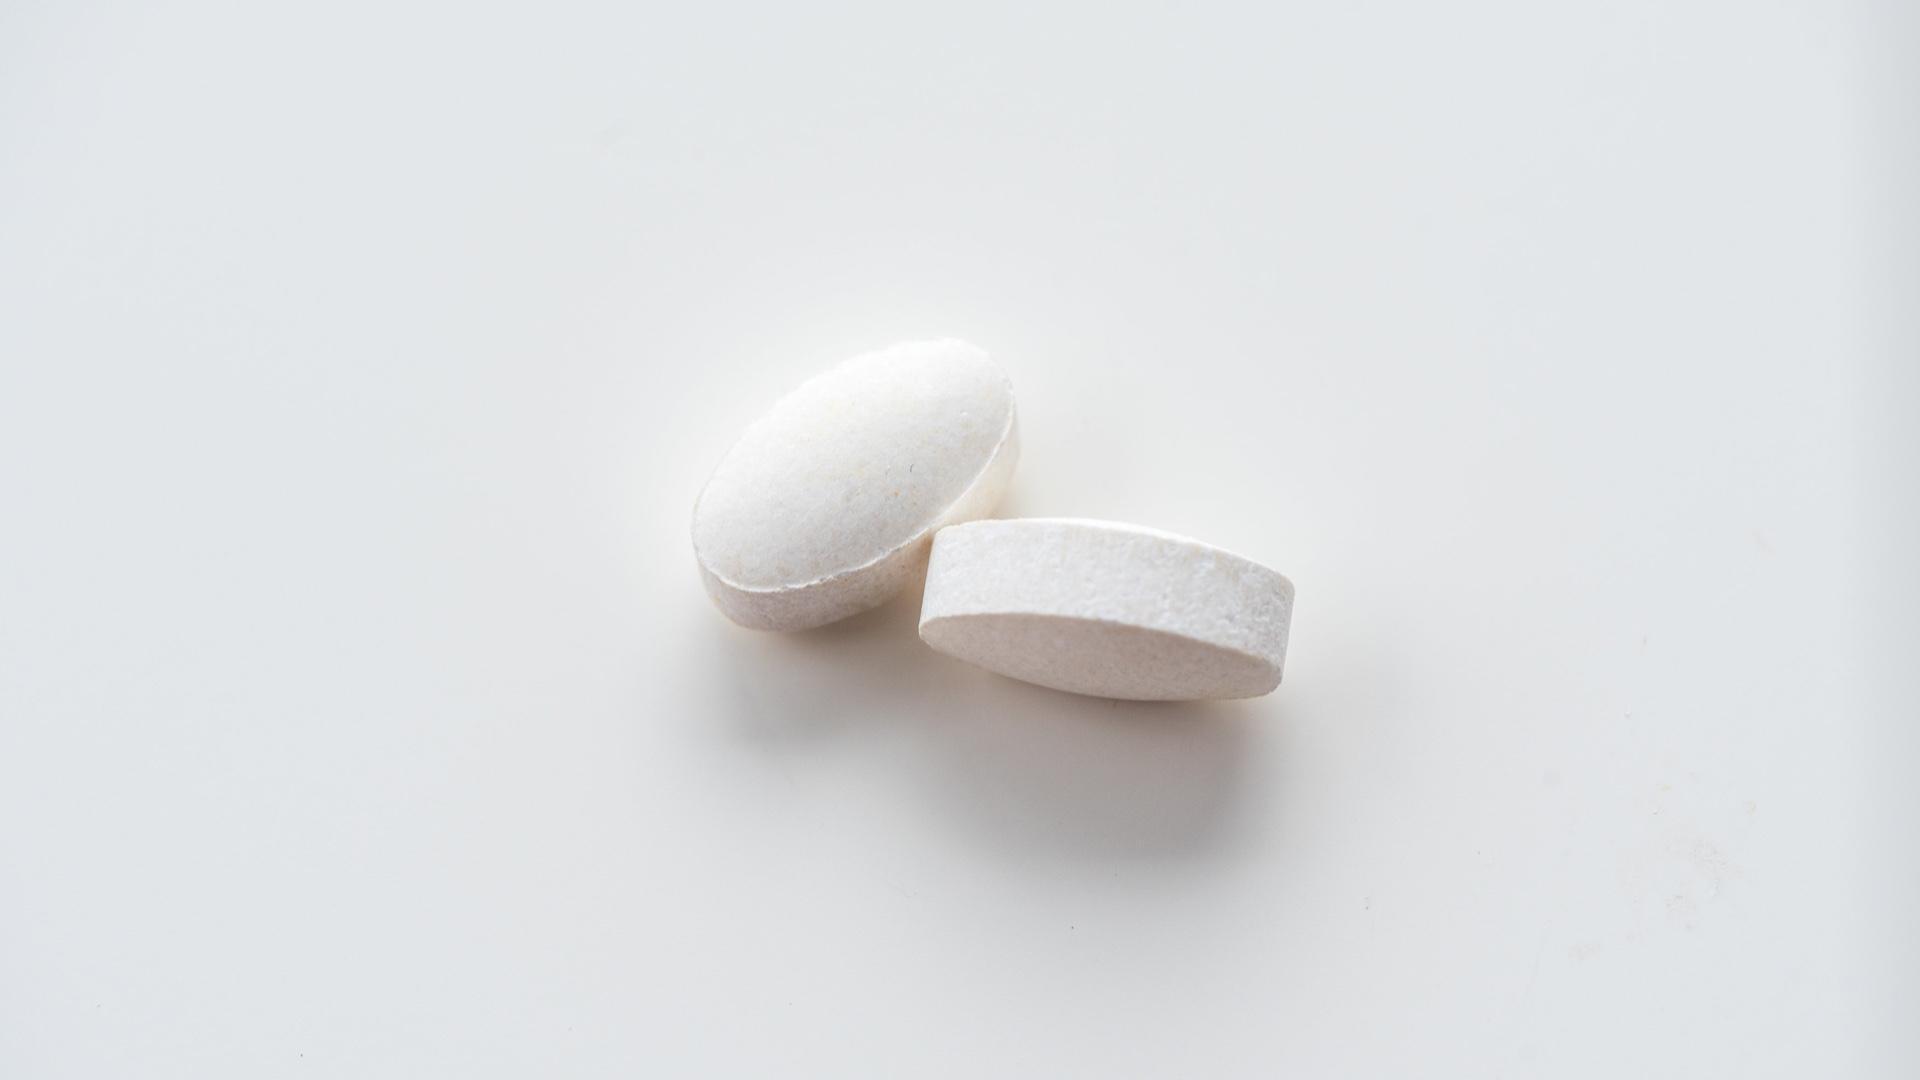 2 white capsules